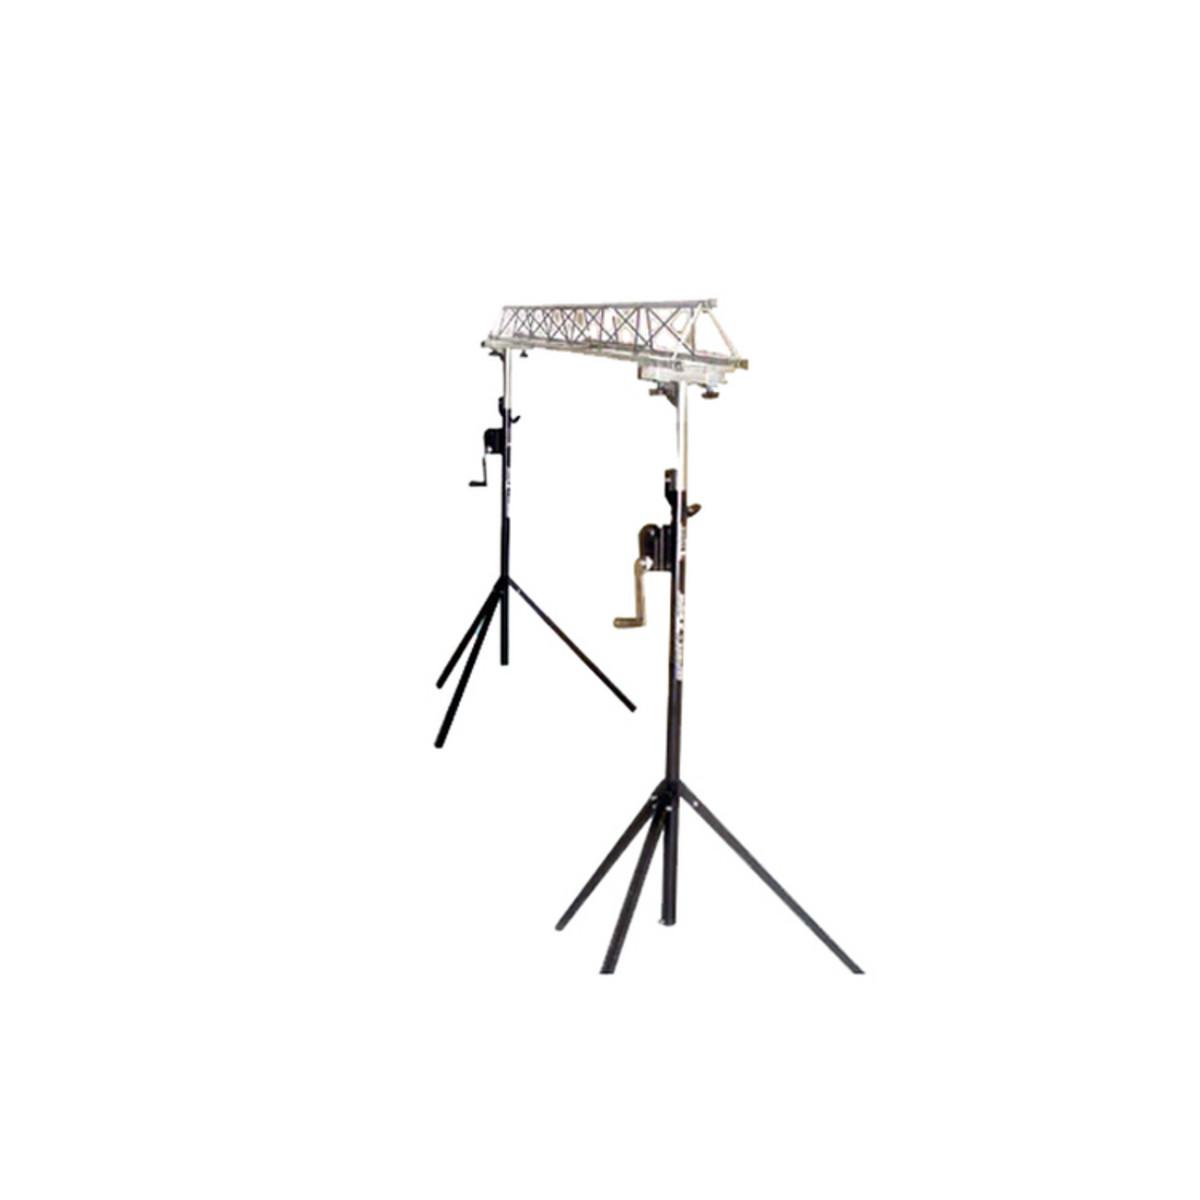 Haute r sistance d 39 clairage stand avec 3m poutrelle par for Eclairage stand